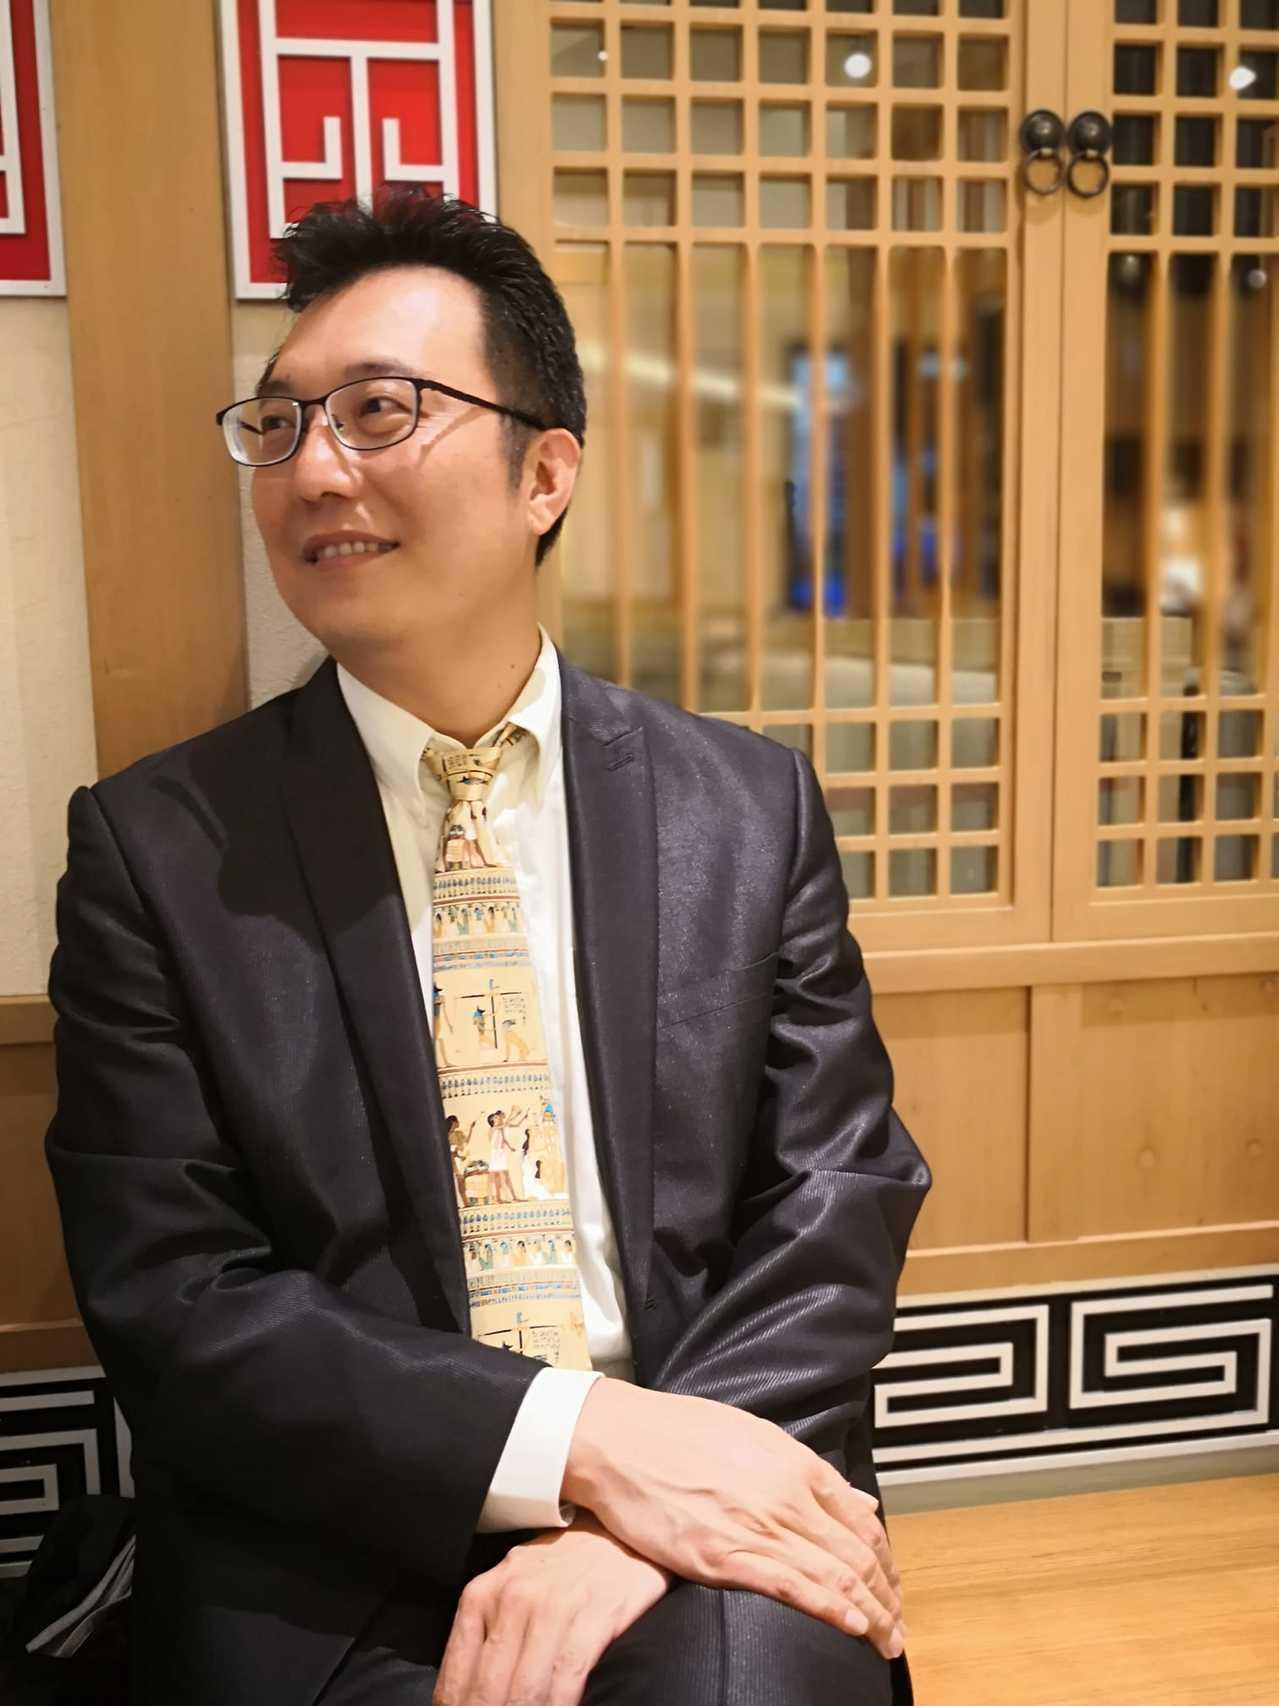 淡江大學蘭陽校園全球發展學院院長包正豪。圖/取自包正豪臉書